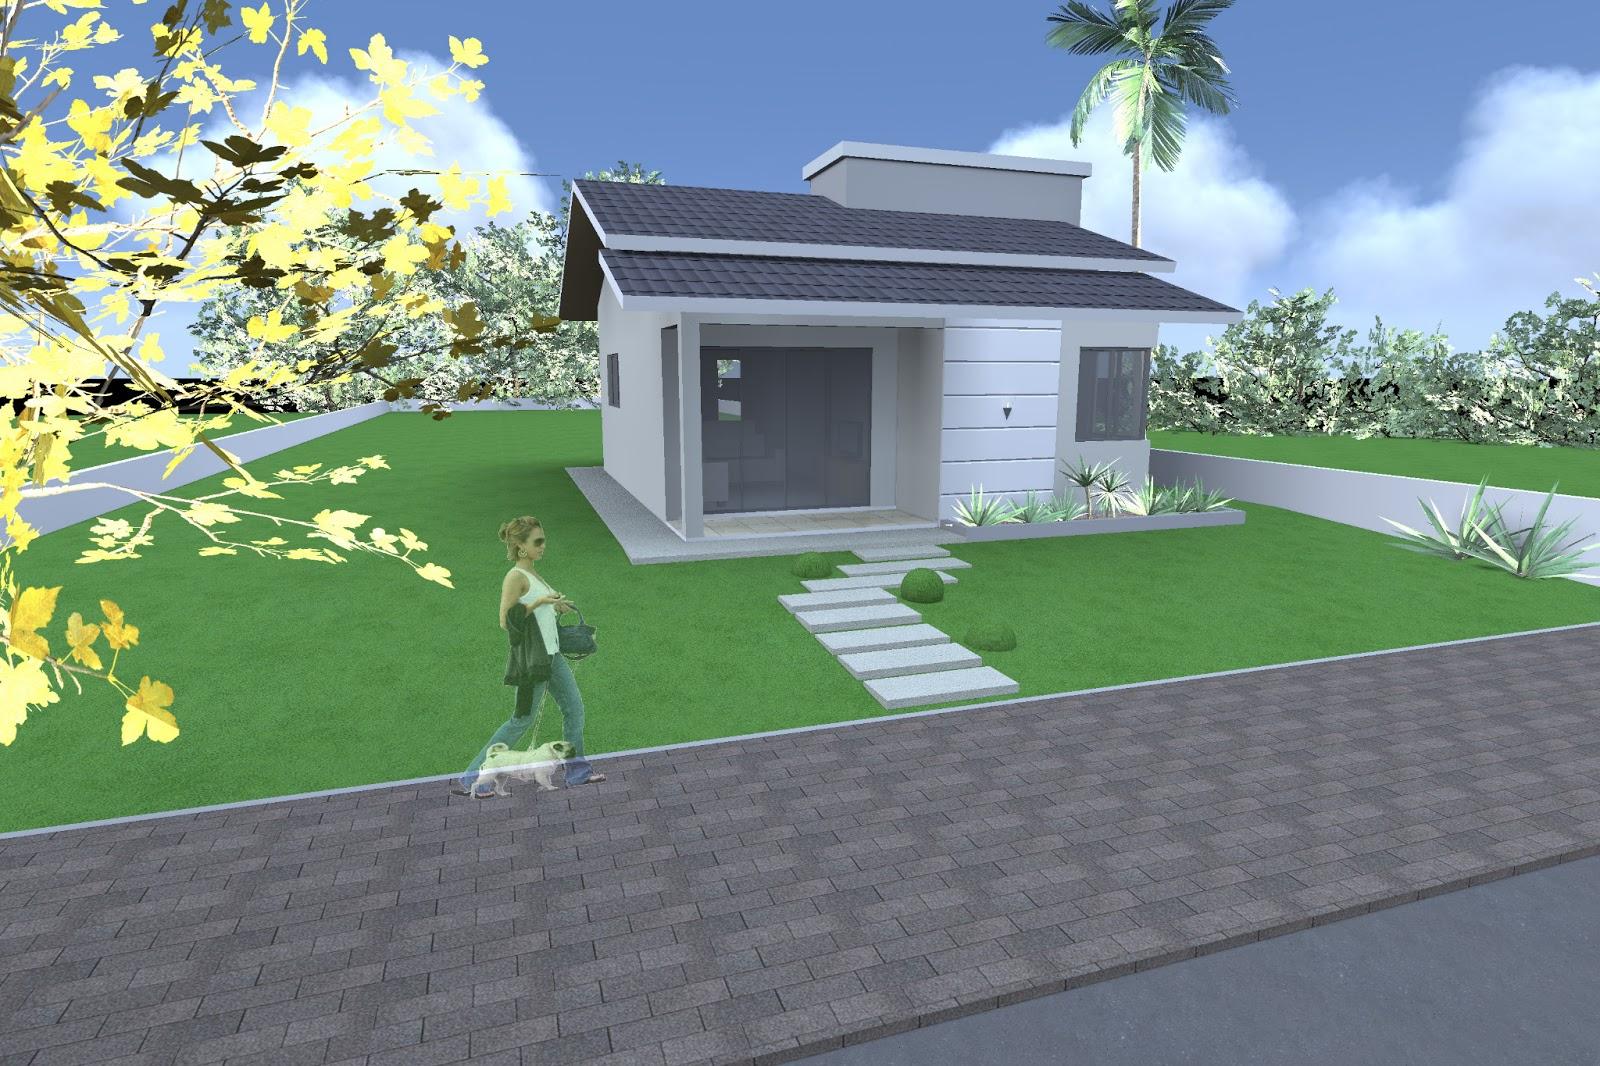 Urbanismo: Projetos para Minha Casa Minha Vida do Governo Federal #A4A823 1600 1066